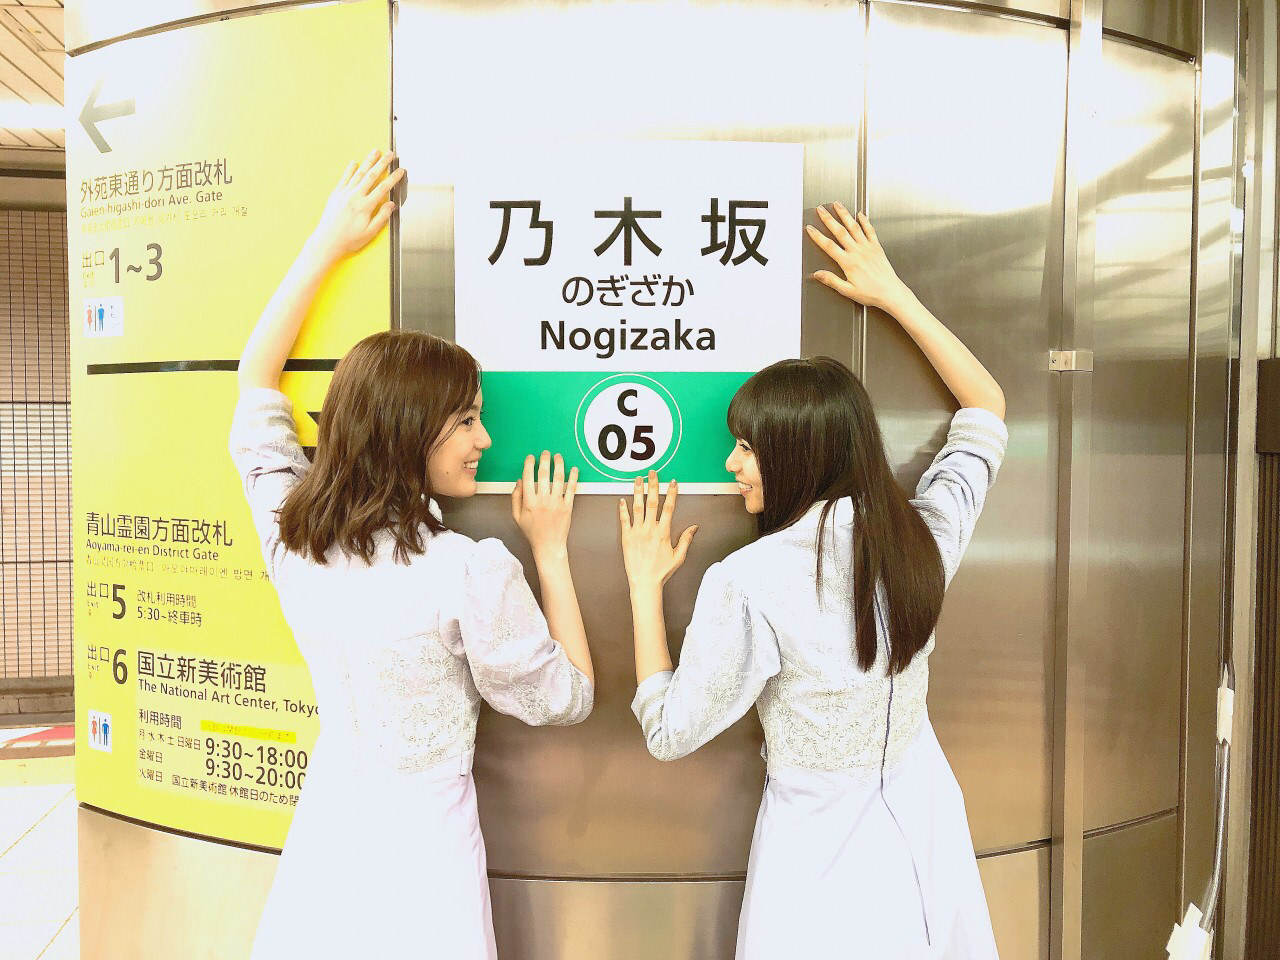 生田絵梨花 齋藤飛鳥 乃木坂駅に張り付く私たち